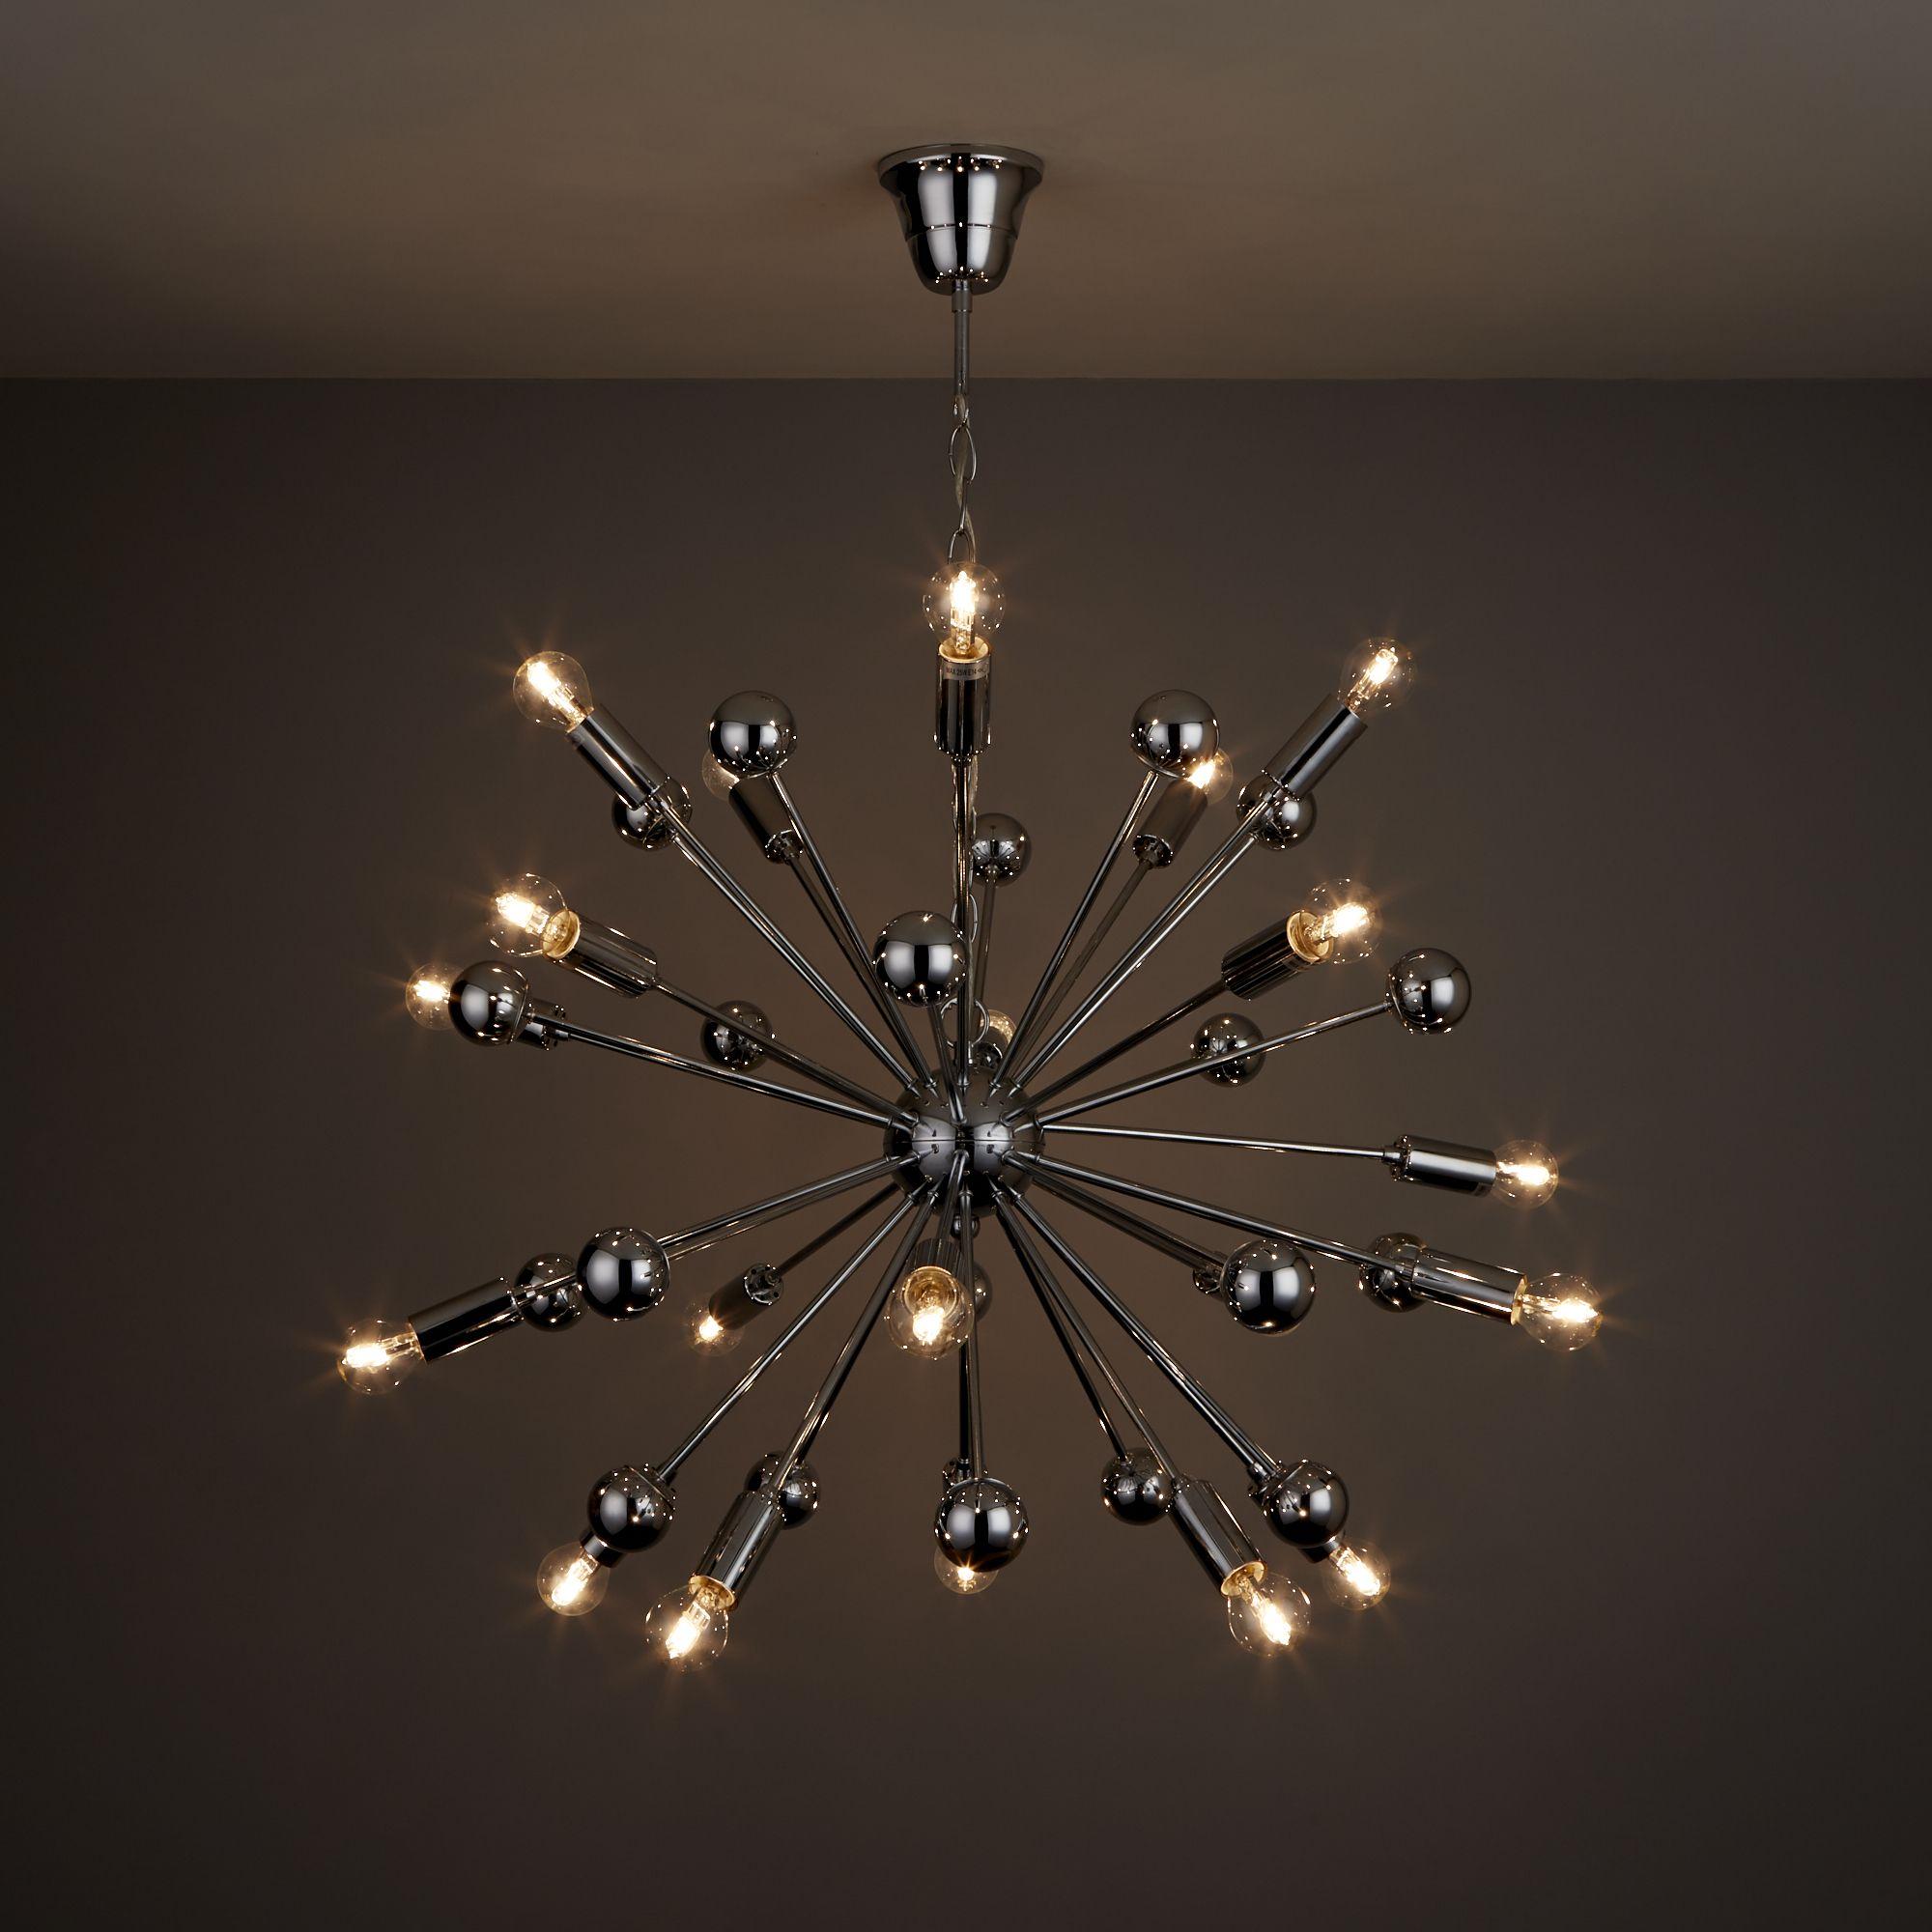 Komet Chrome Effect 20 Lamp Pendant Ceiling Light Departments Diy At B Q